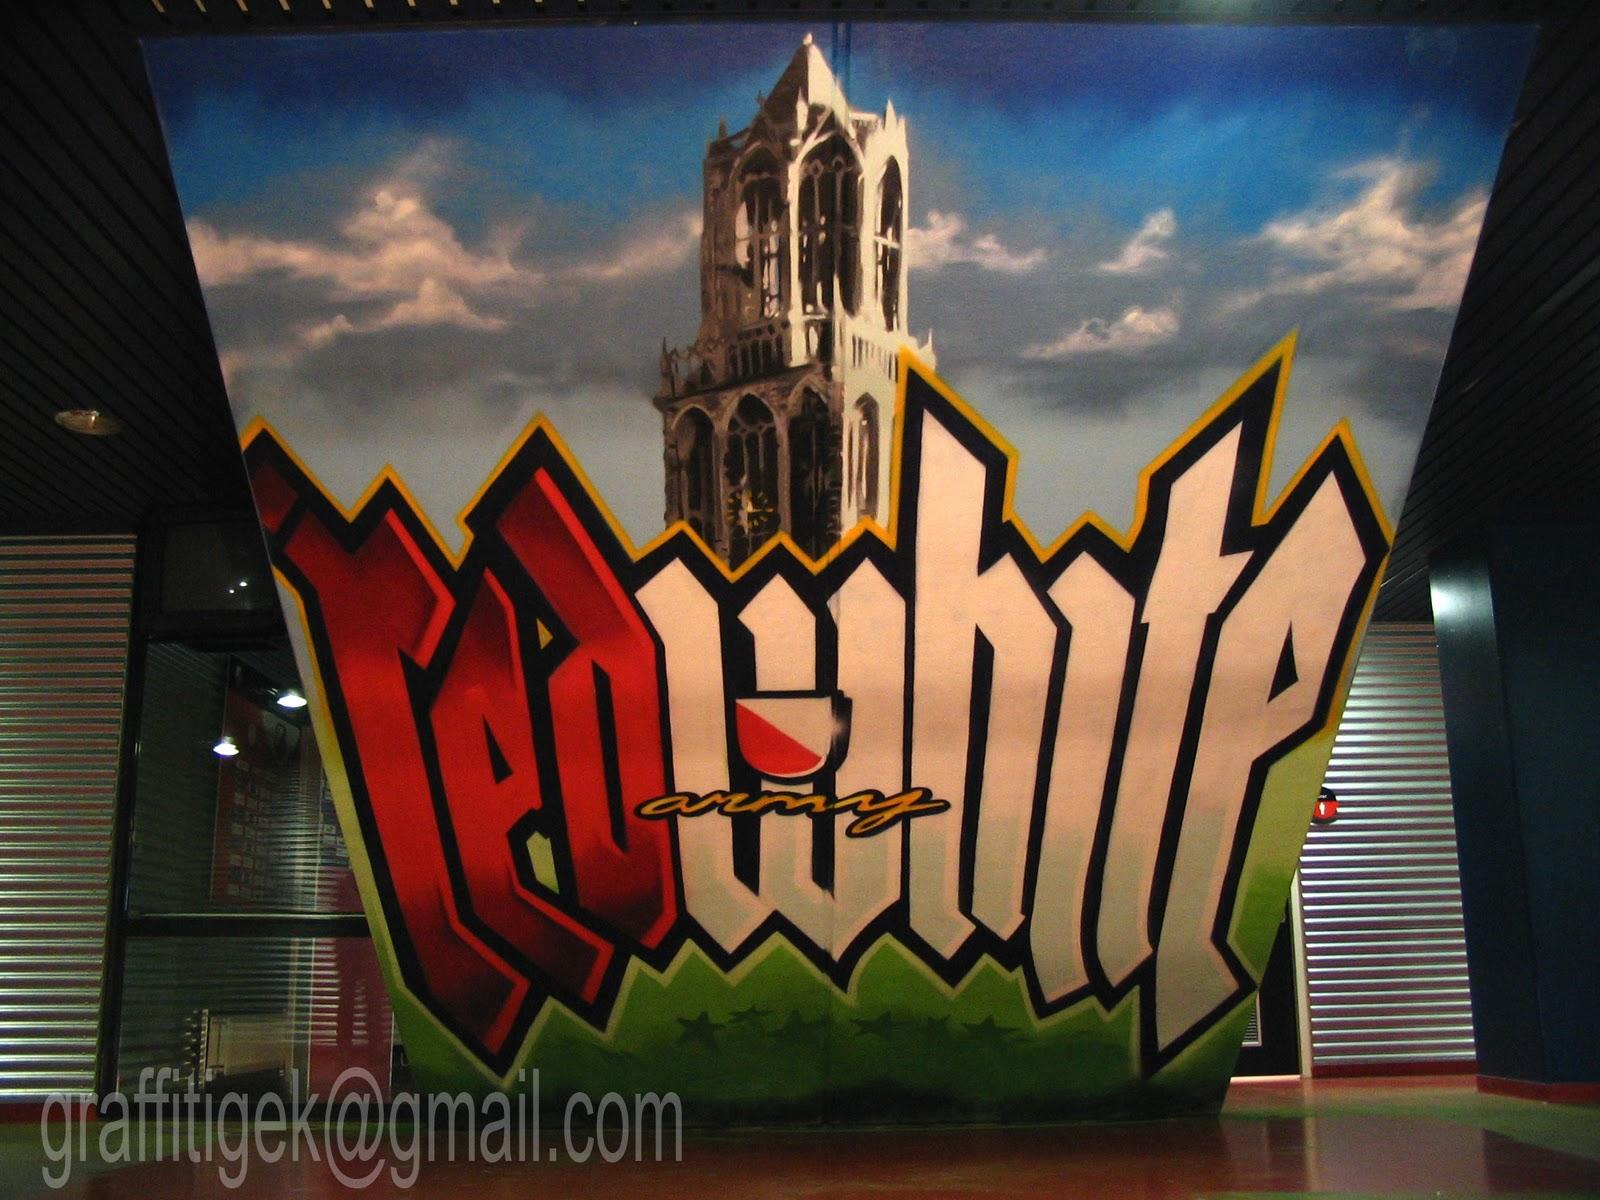 Graffiti Voetbal Utrecht